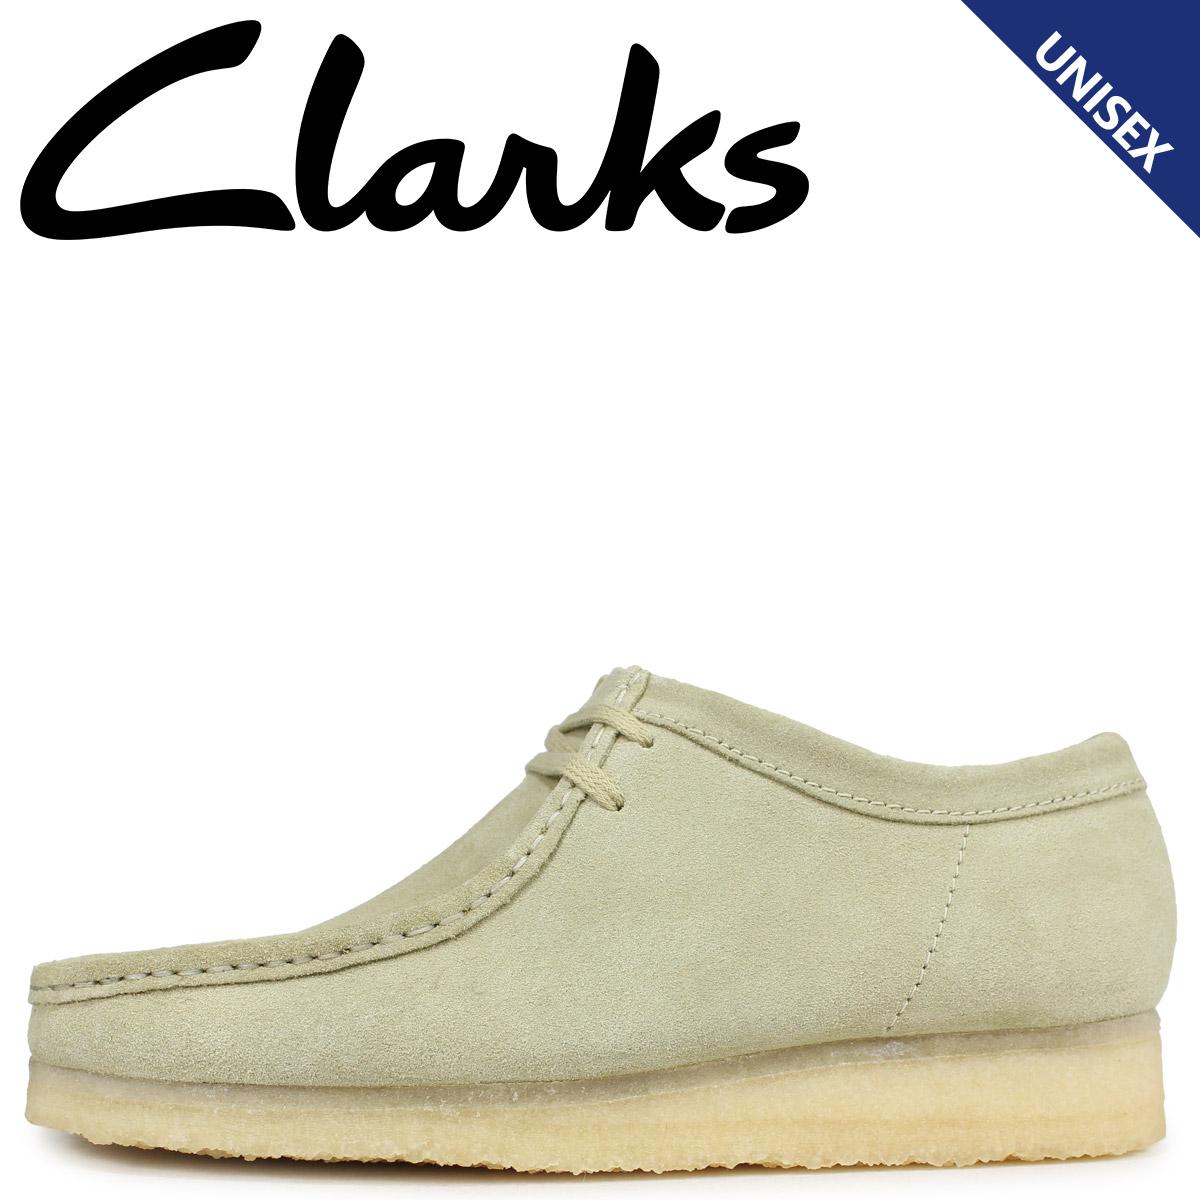 Clarks クラークス ワラビー ブーツ メンズ レディース WALLABEE メープルスエード ベージュ 26133278